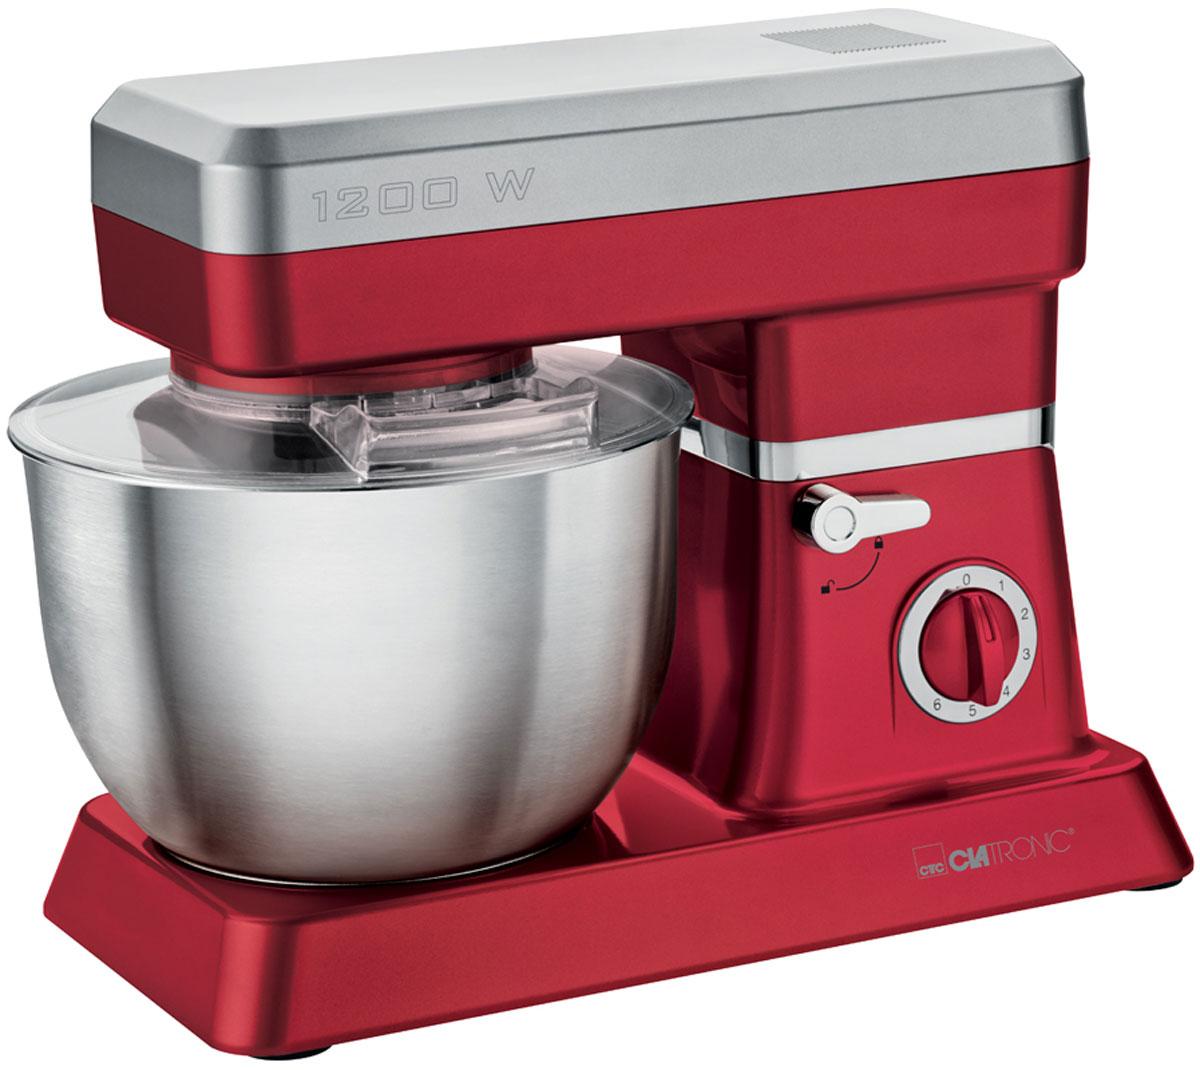 Clatronic KM 3630, Red кухонный комбайнKM 3630 rotКухонный комбайн Clatronic KM 3630 станет прекрасным помощником для любой хозяйки С ним вы сможете готовить невероятно вкусные и аппетитные блюда, при этом сократив время их приготовление. Основным назначением прибора является изготовление различных видов теста и кремов. Миксер качественно и быстро перемешивает различные ингредиенты, что дает возможность избежать комочков. Clatronic KM 3630 снабжен чашей из нержавеющей стали и механической системой управления. 6 скоростей замешивания + импульсный режим обеспечат наилучший результат. Поворотный рукав на 35° Чаша из нержавеющей стали Быстрозажимной патрон Легко разбирается для мытья и чистки